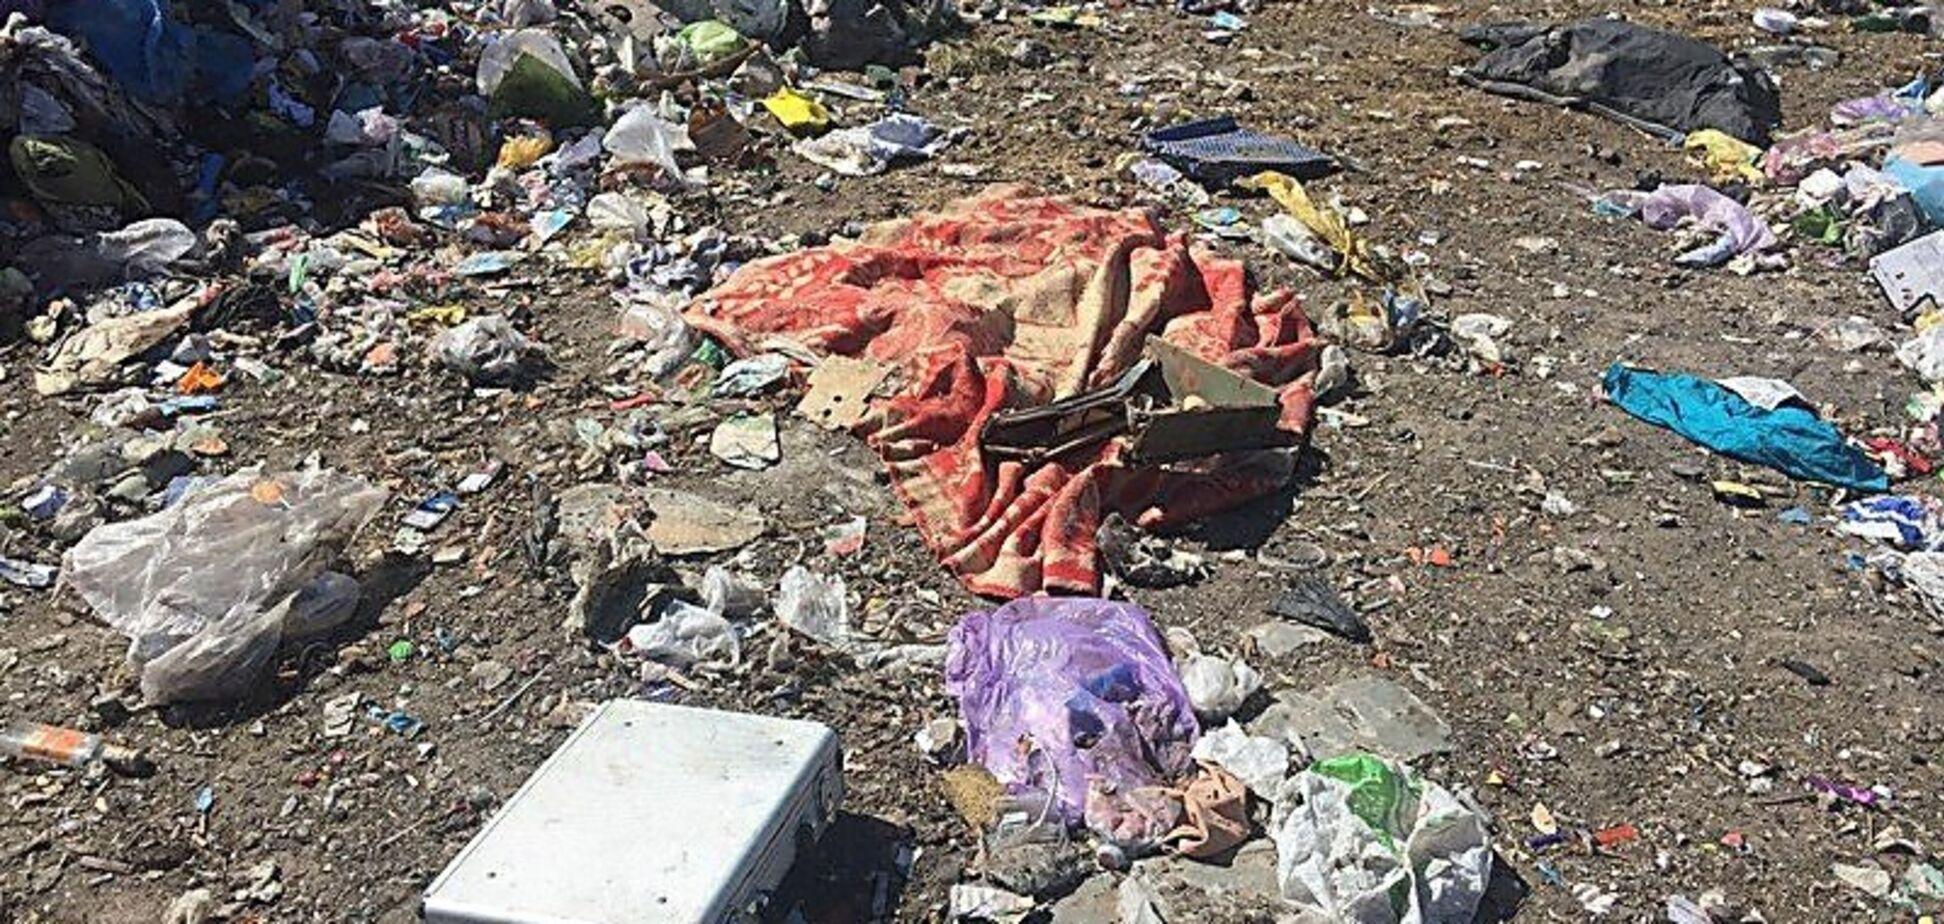 В Николаеве на мусорном полигоне обнаружили расчлененную женщину: фото и видео 18+